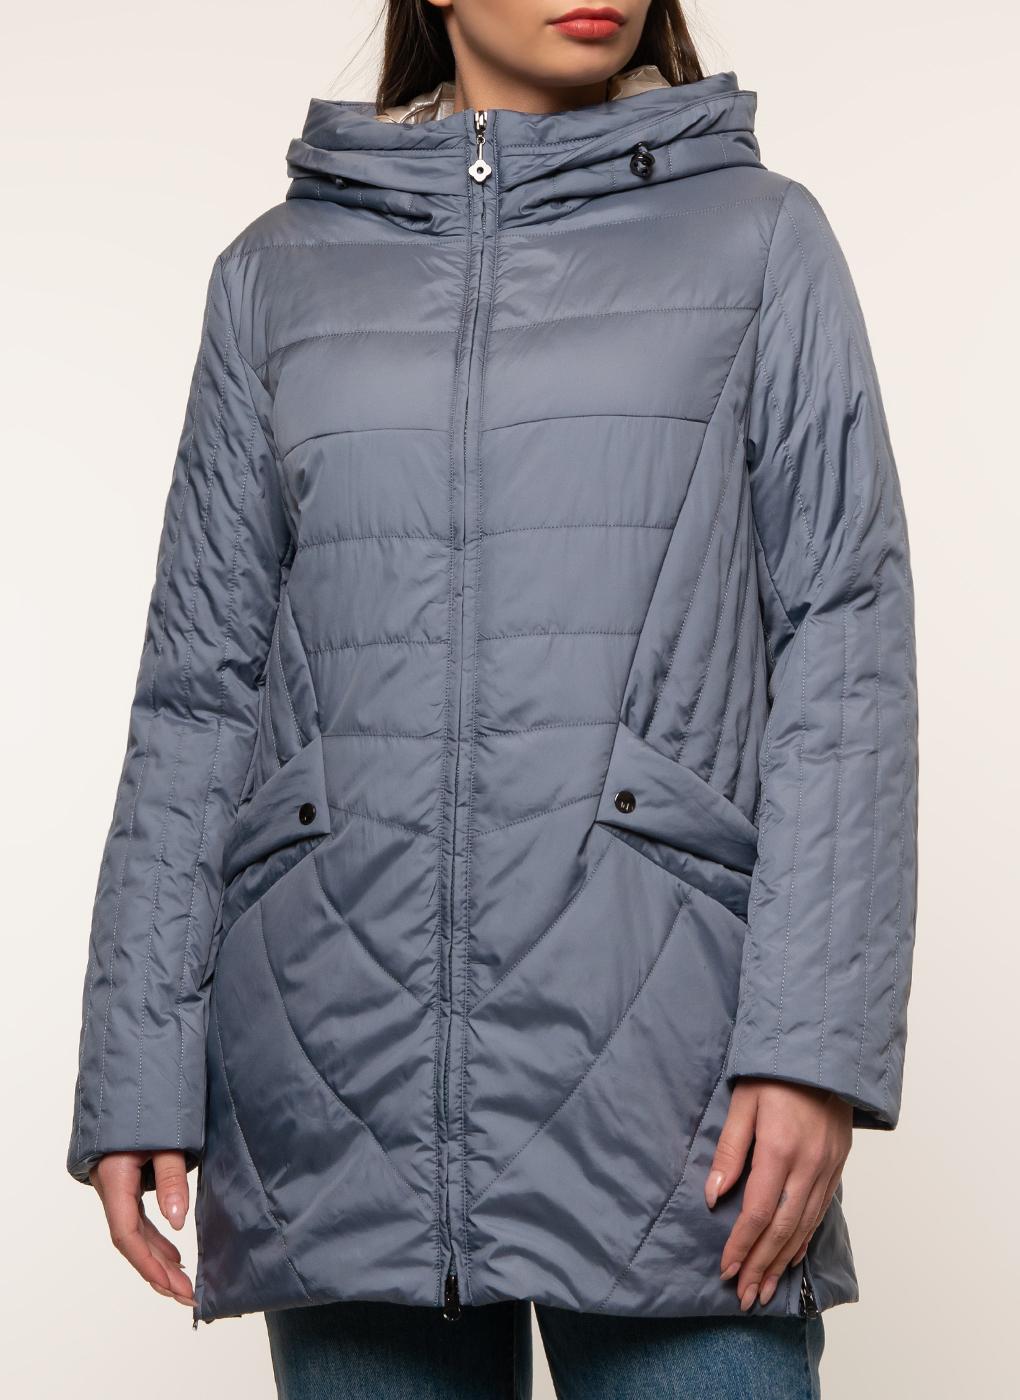 Куртка утепленная 02, ALYASKA фото